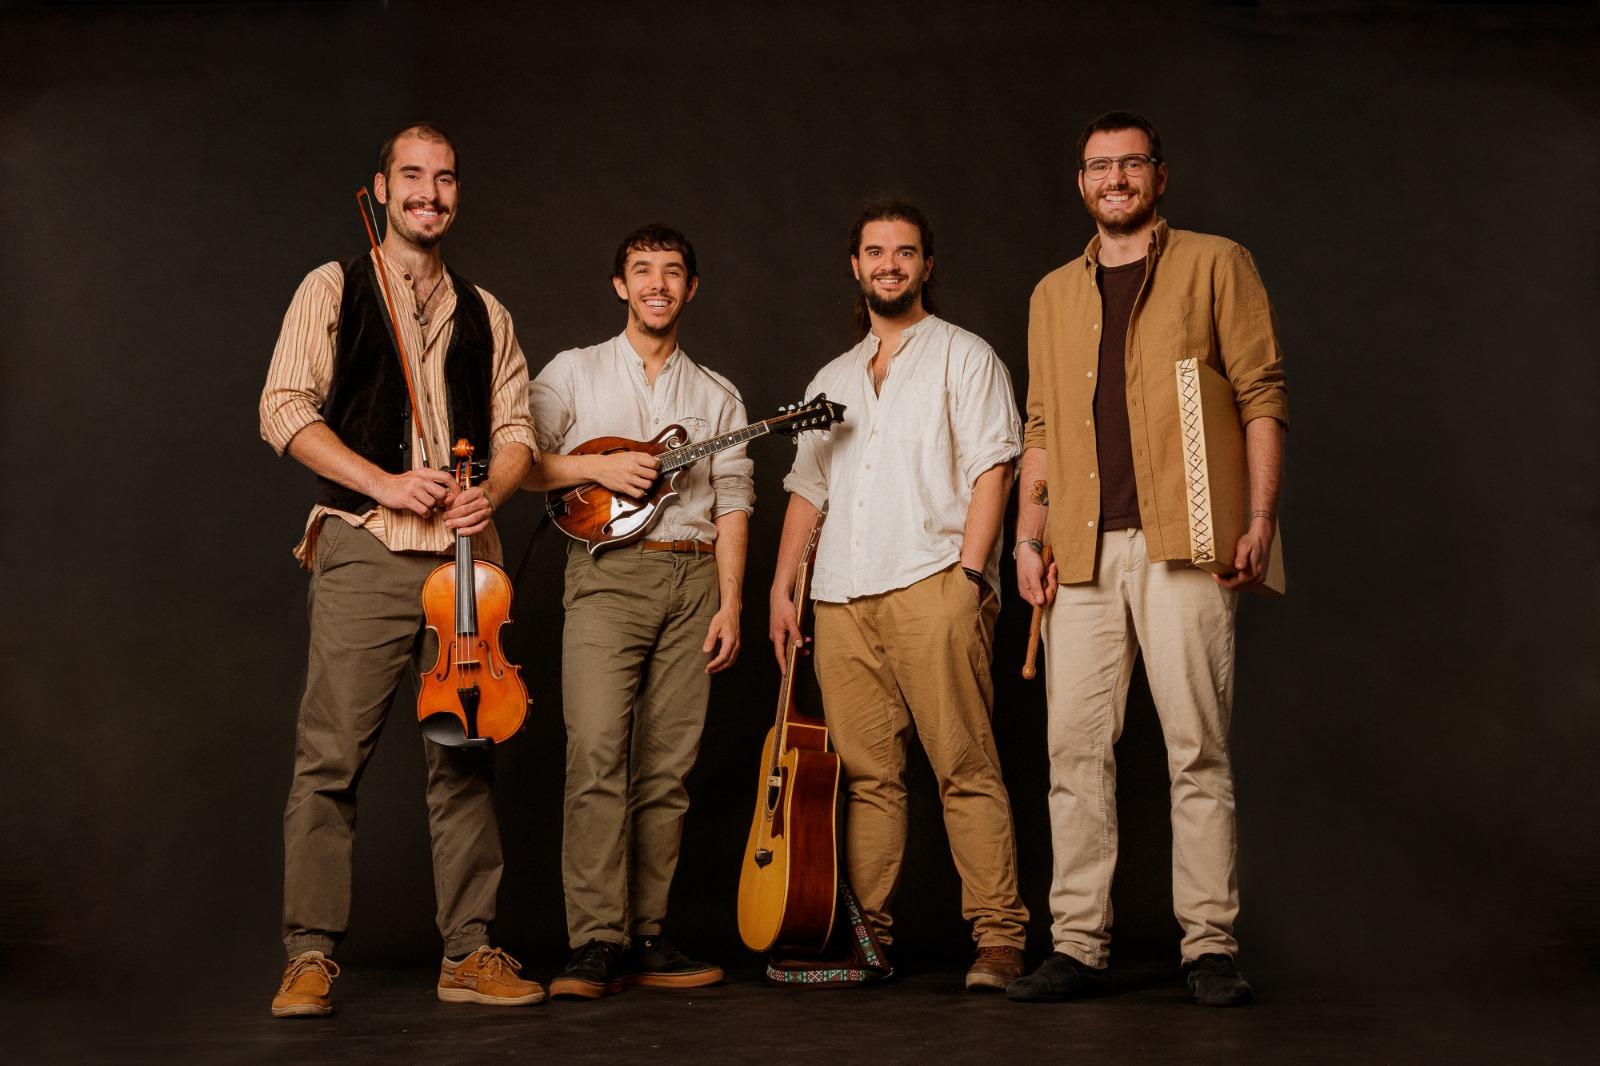 El grupo de música El Nido tocará en Caja Círculo de Burgos